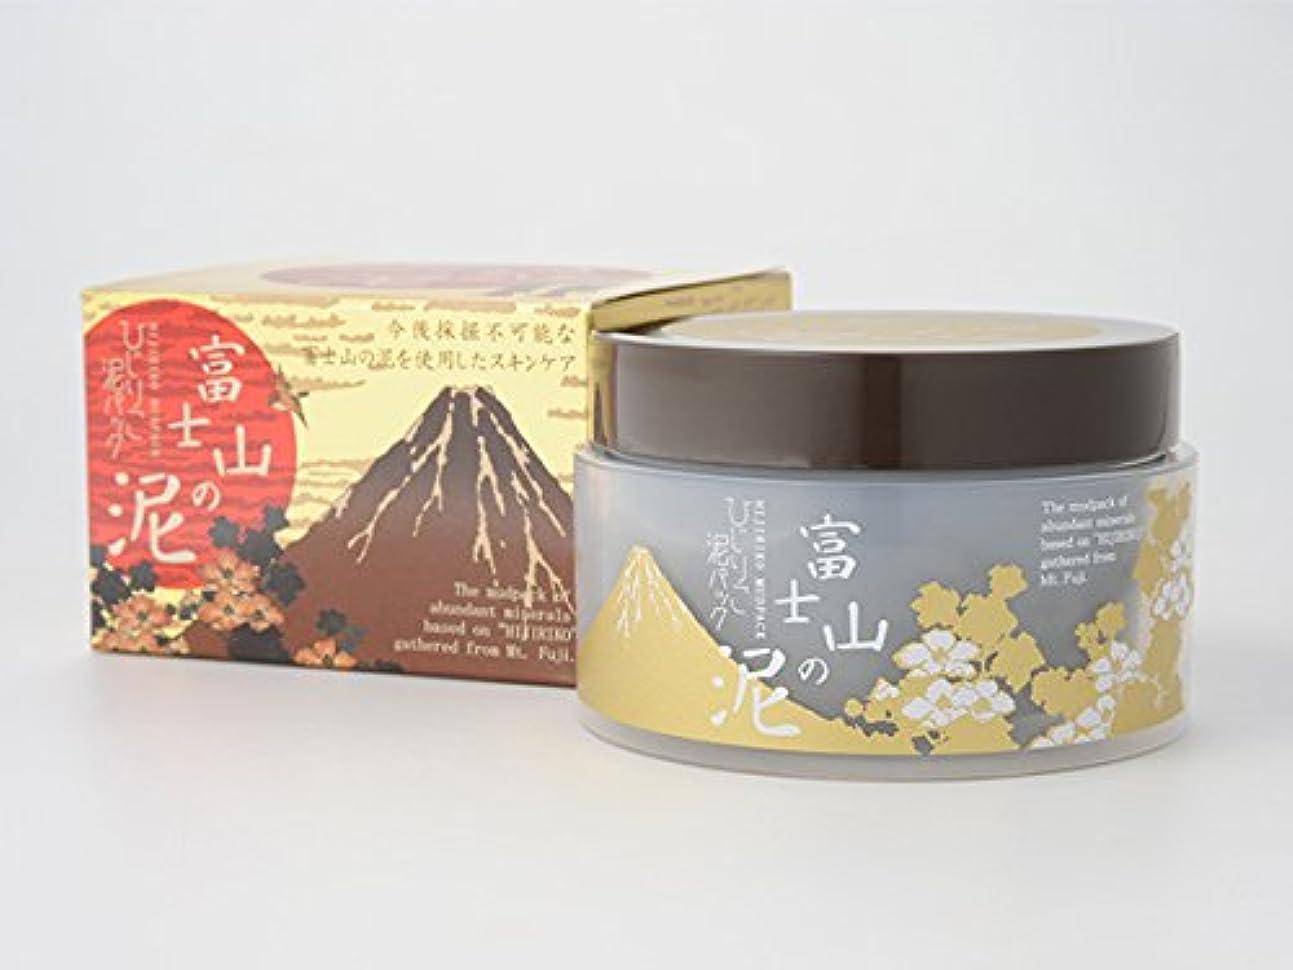 モードリン励起暫定のひじりこ化粧品 ひじりこ泥パックS 富士山の泥 120g